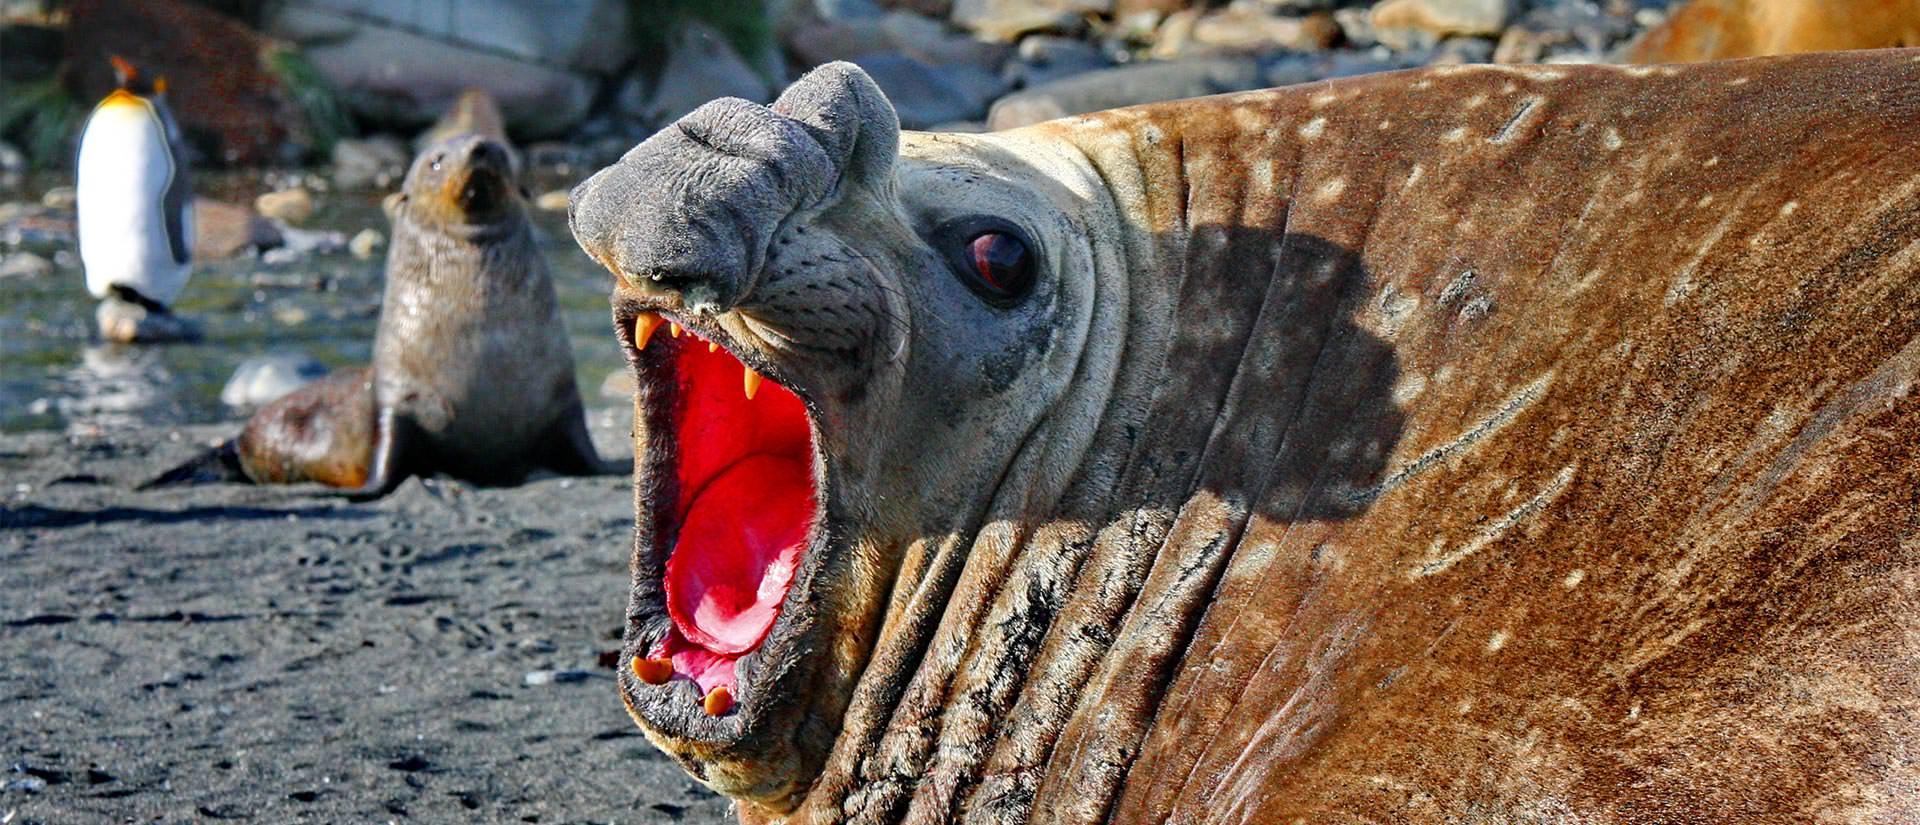 טיול לאנטארקטיקה, איי פוקלנד והאי ג'ורג'יה הדרומית – 16 עד 21 יום